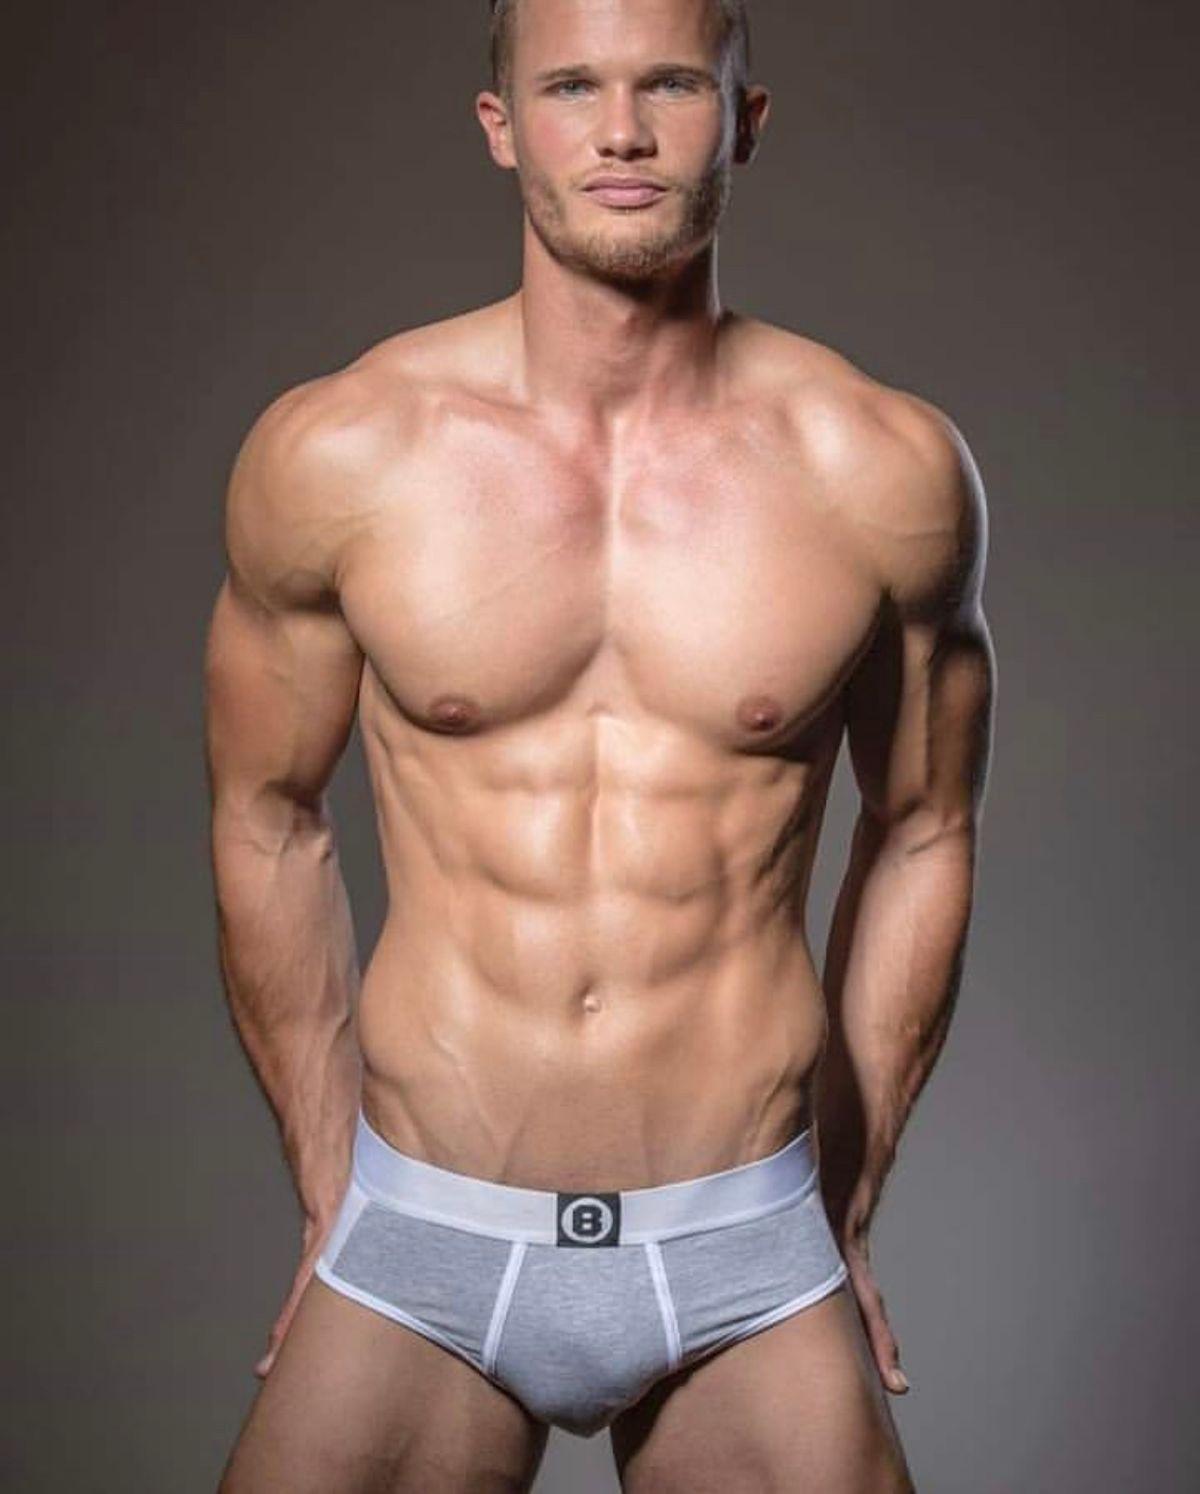 Model Michael Schramm